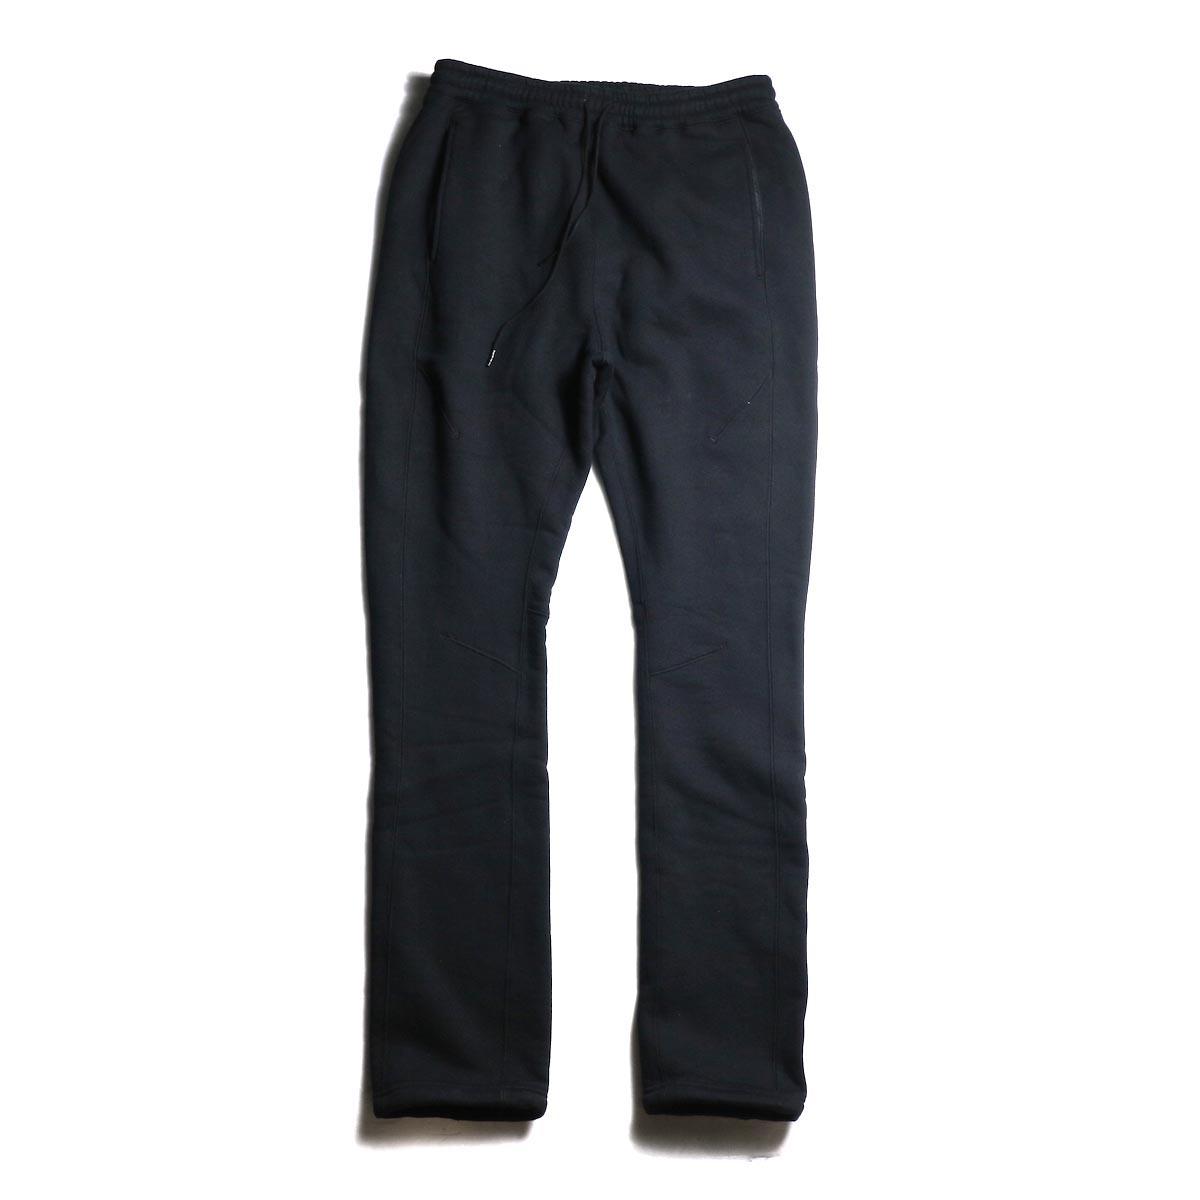 nonnative / COACH EASY PANTS COTTON SWEAT (Black)